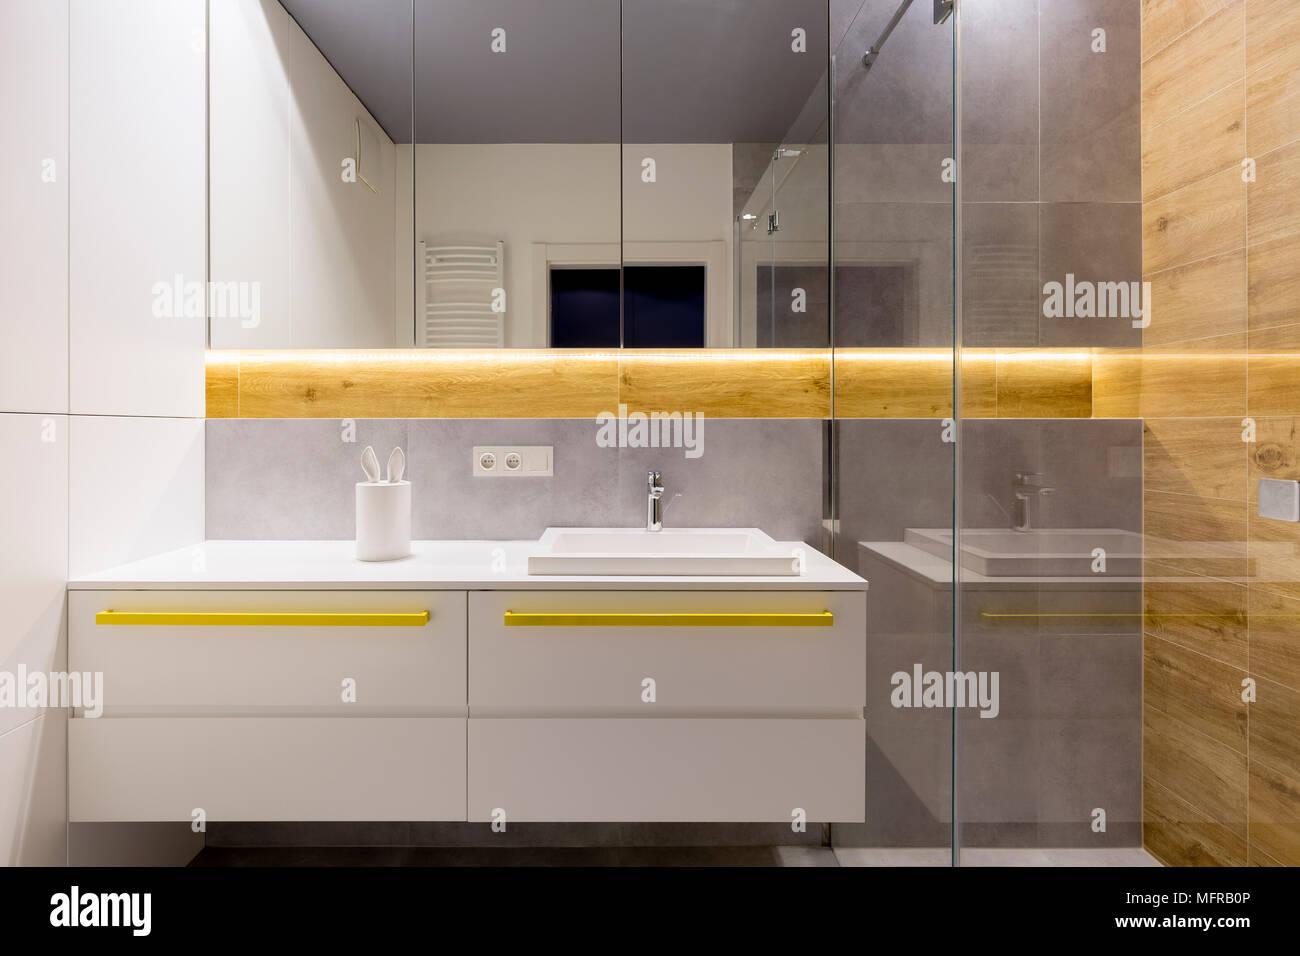 Salle de bains blanc et gris intérieur avec accents jaune ...